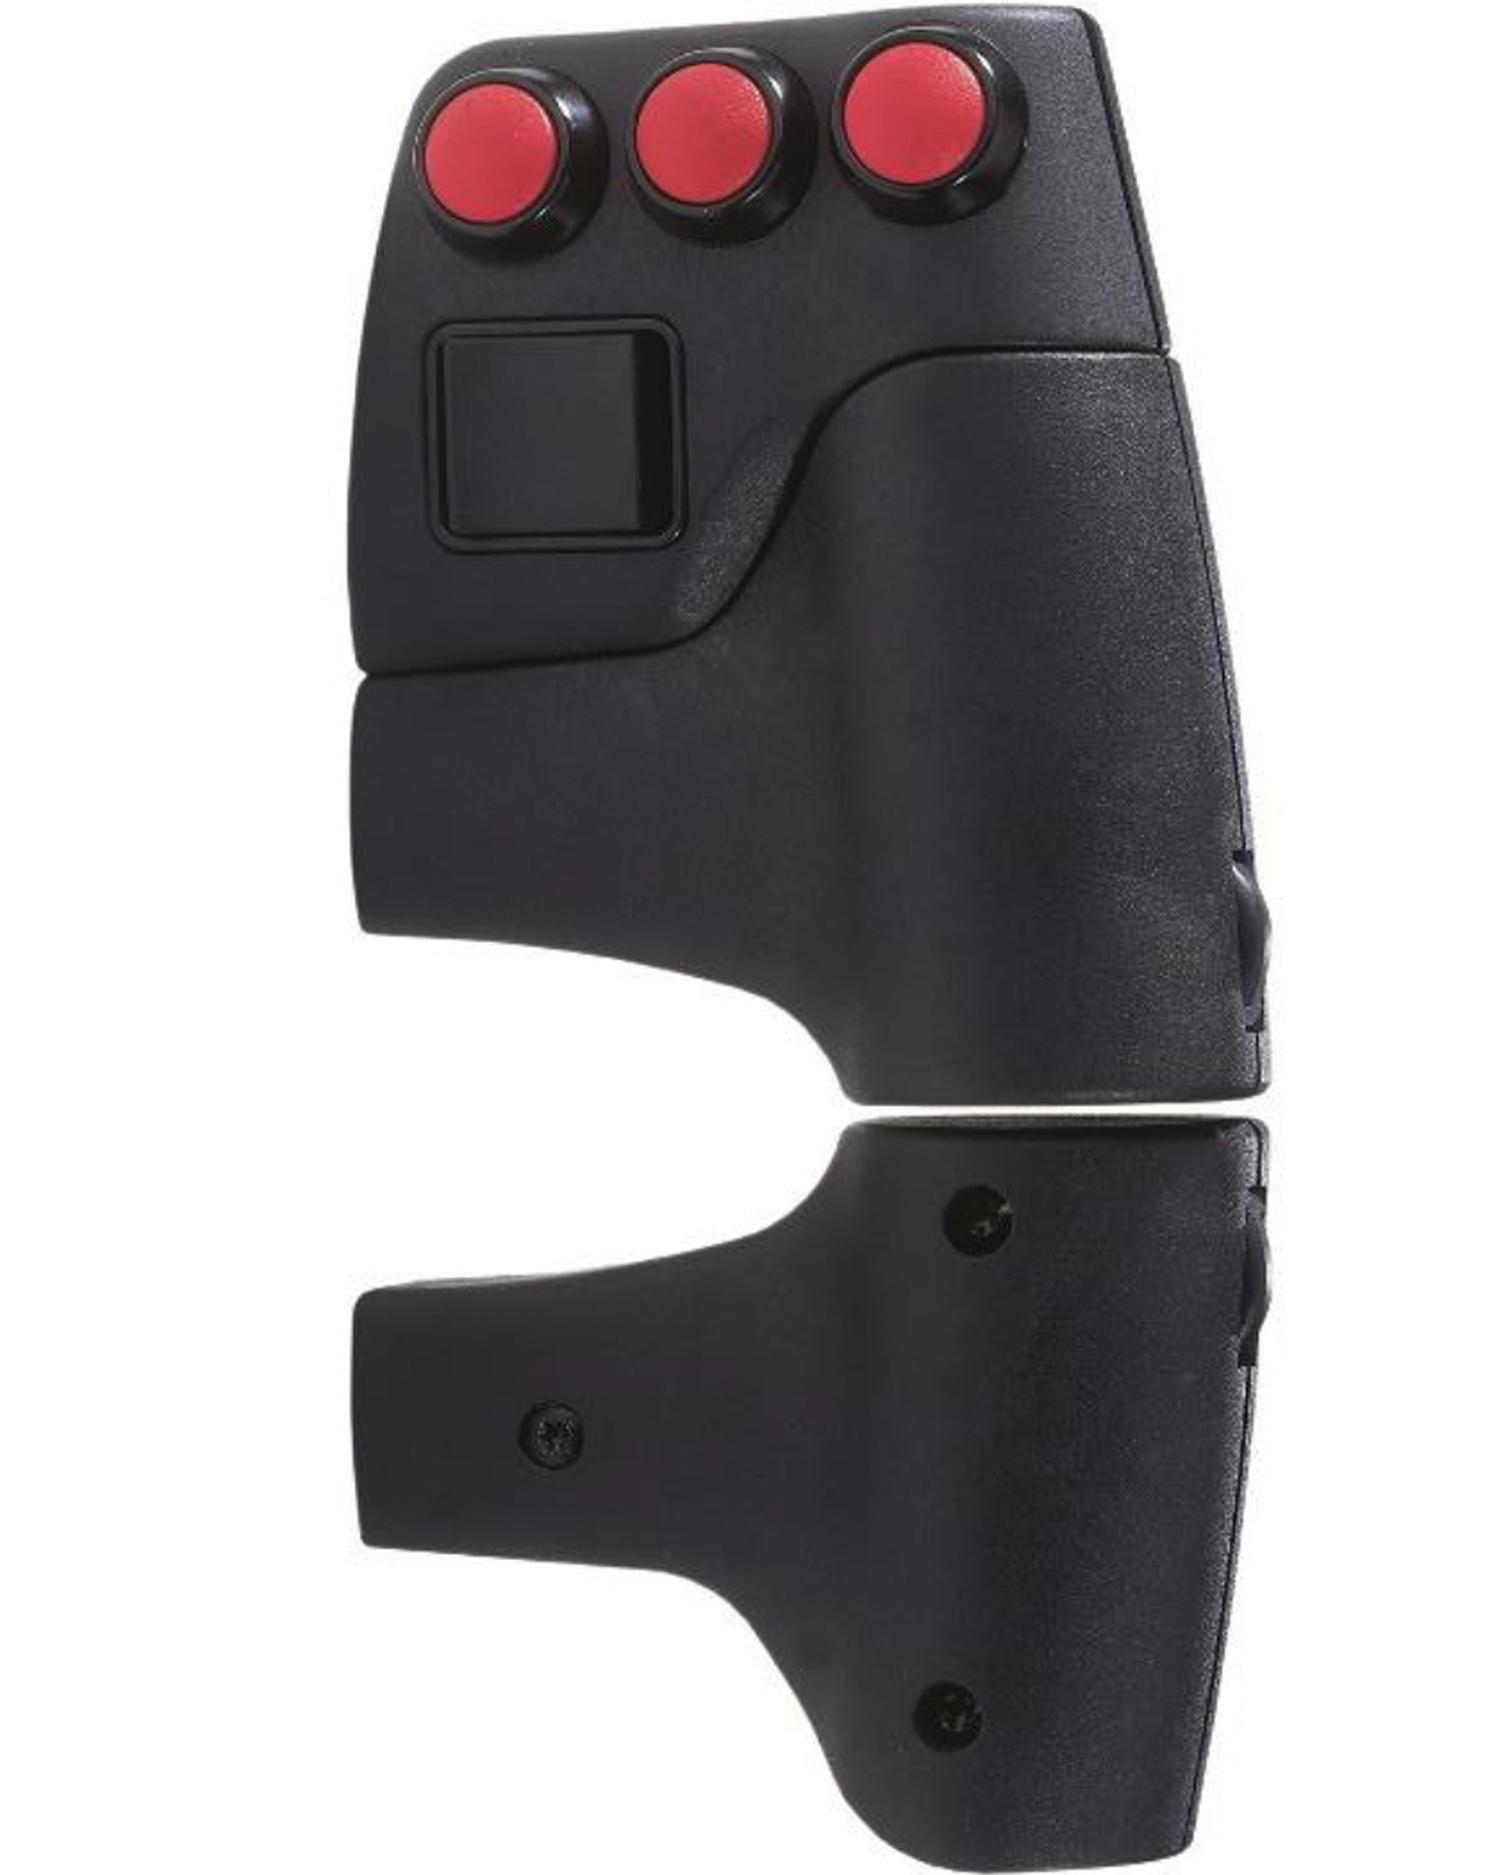 MG4 Joystick Controller